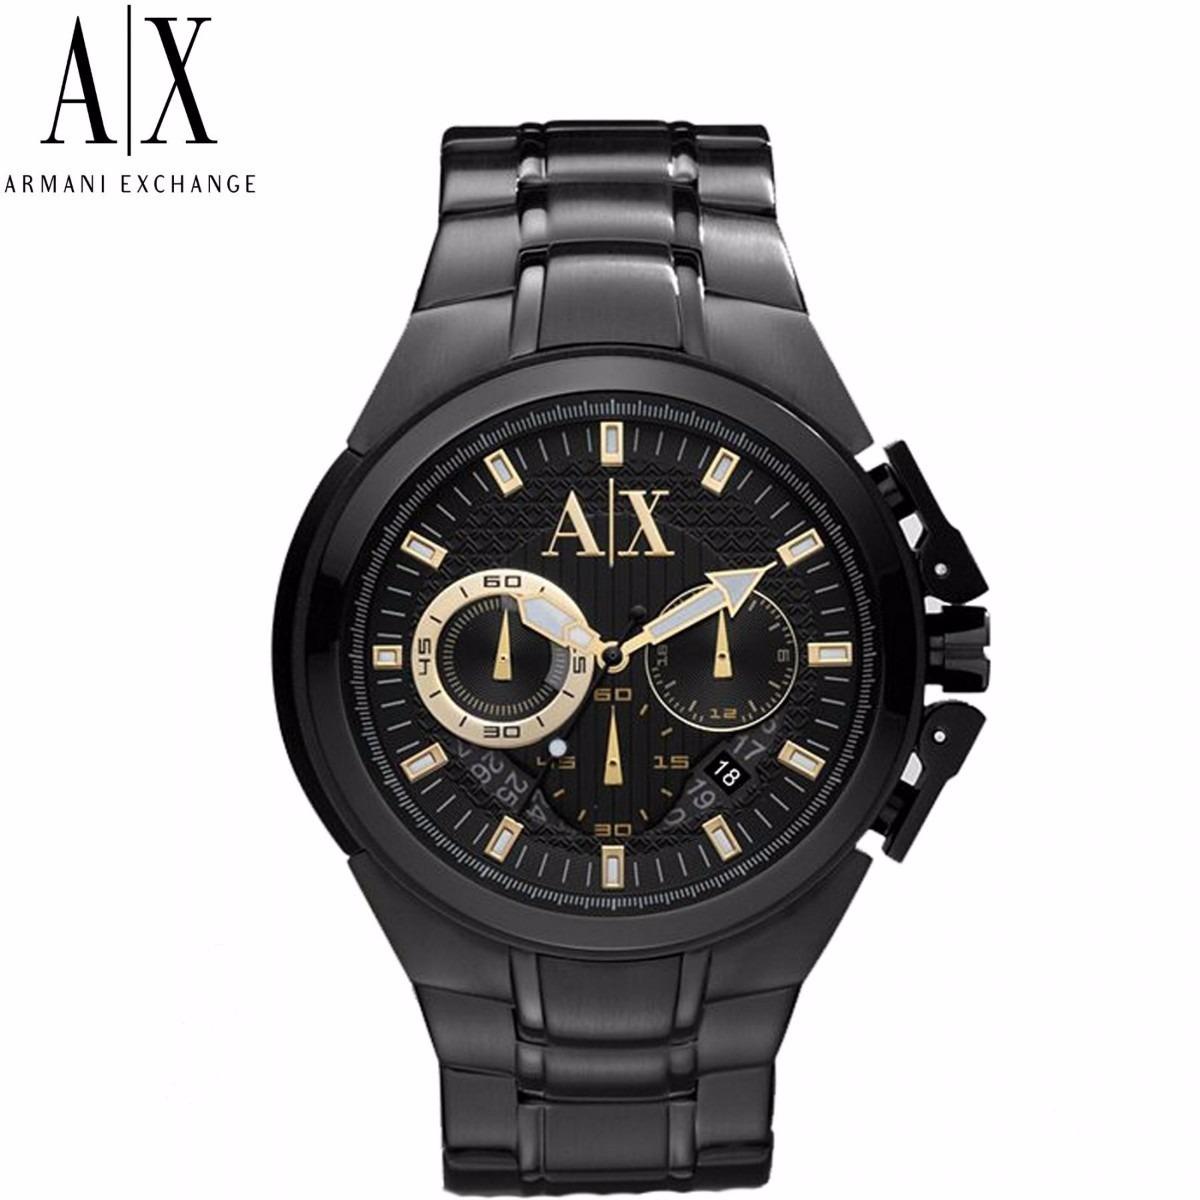 41794a06870 Relógio Armani Exchange Ax1192 Original Com Caixa E Garantia - R  895